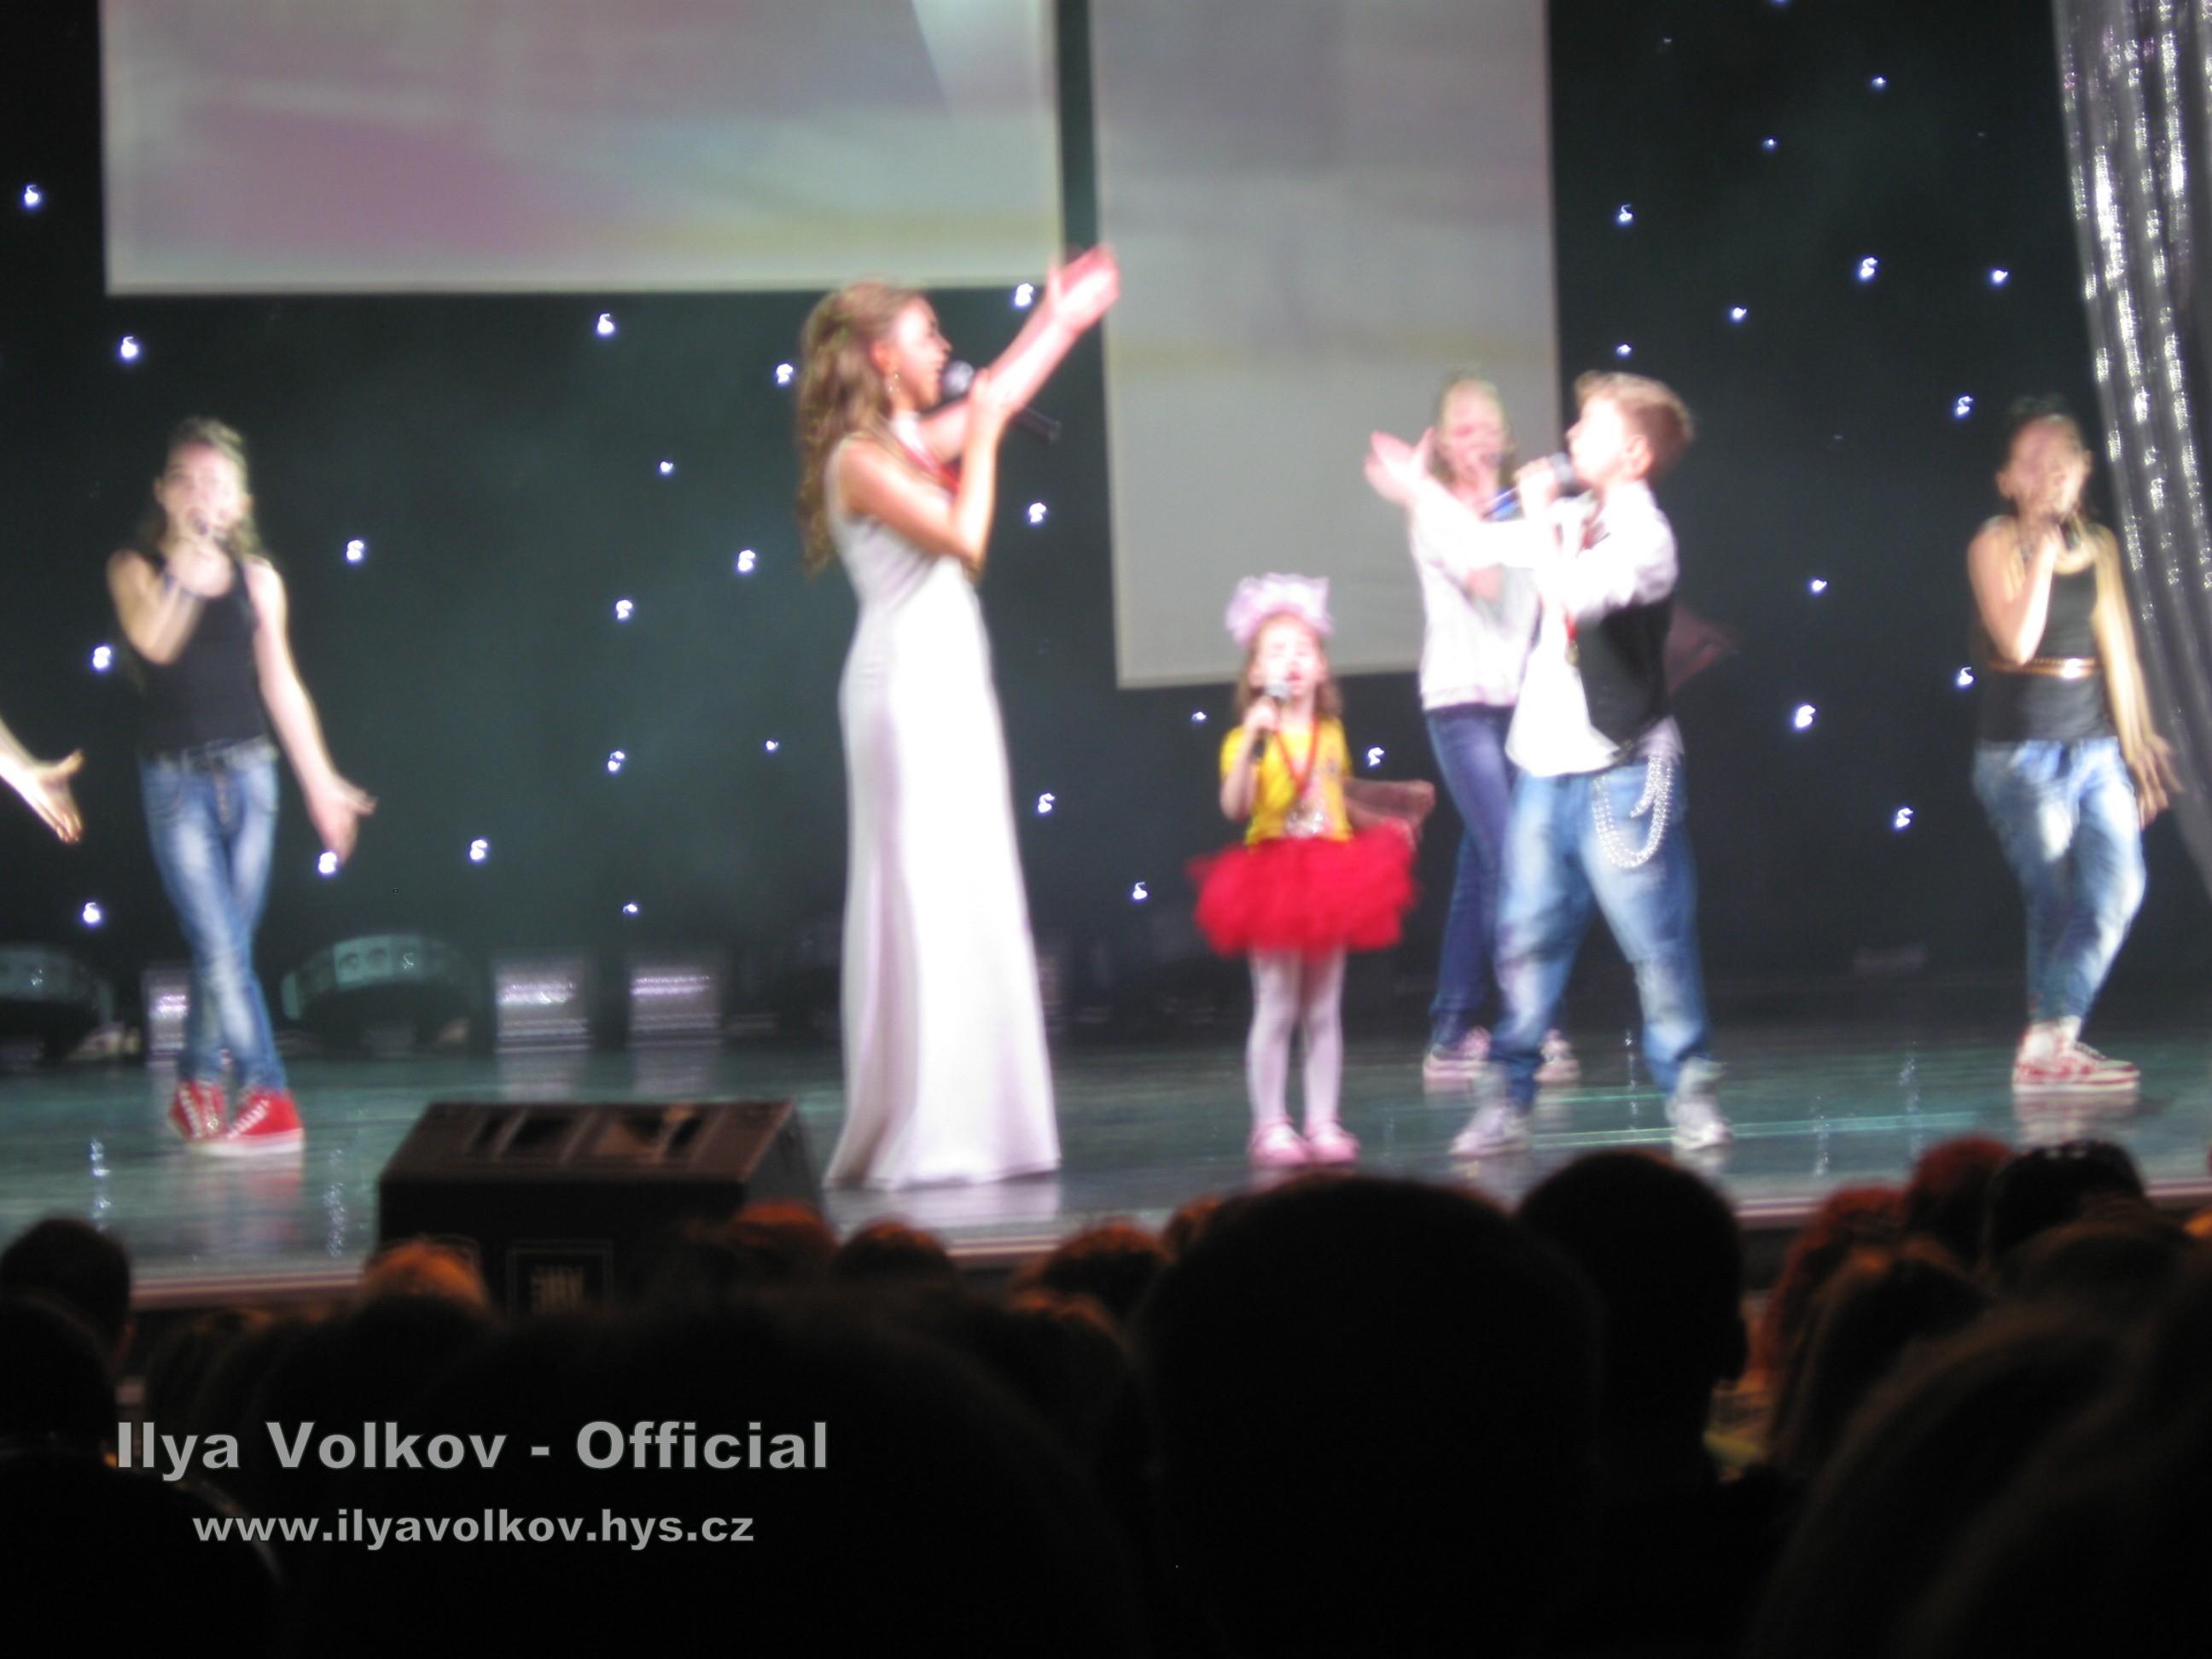 Ilya Volkov - Concert with JANET 2014  (9)